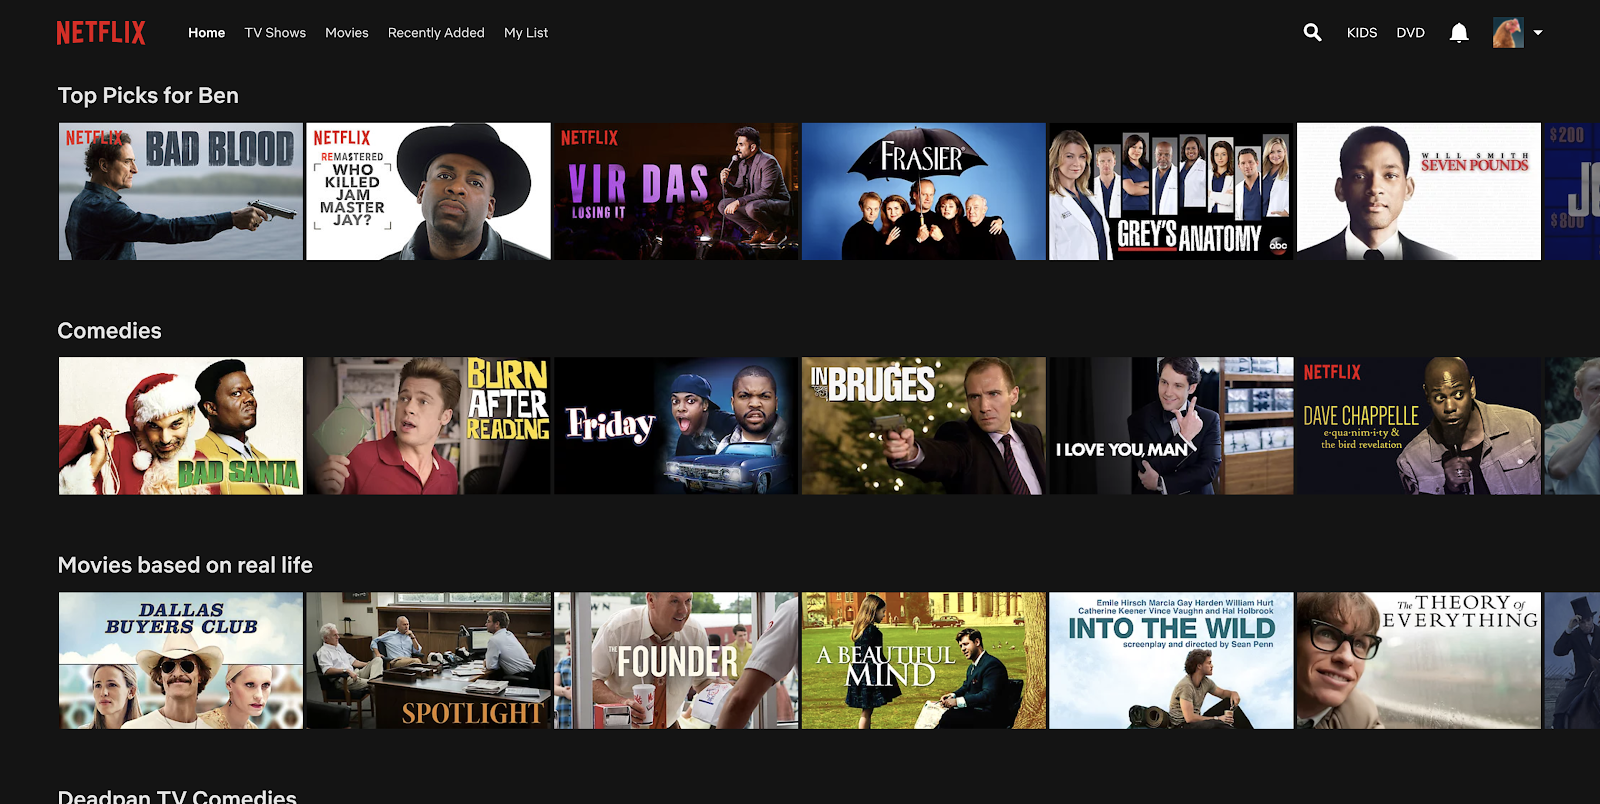 Netflix feed